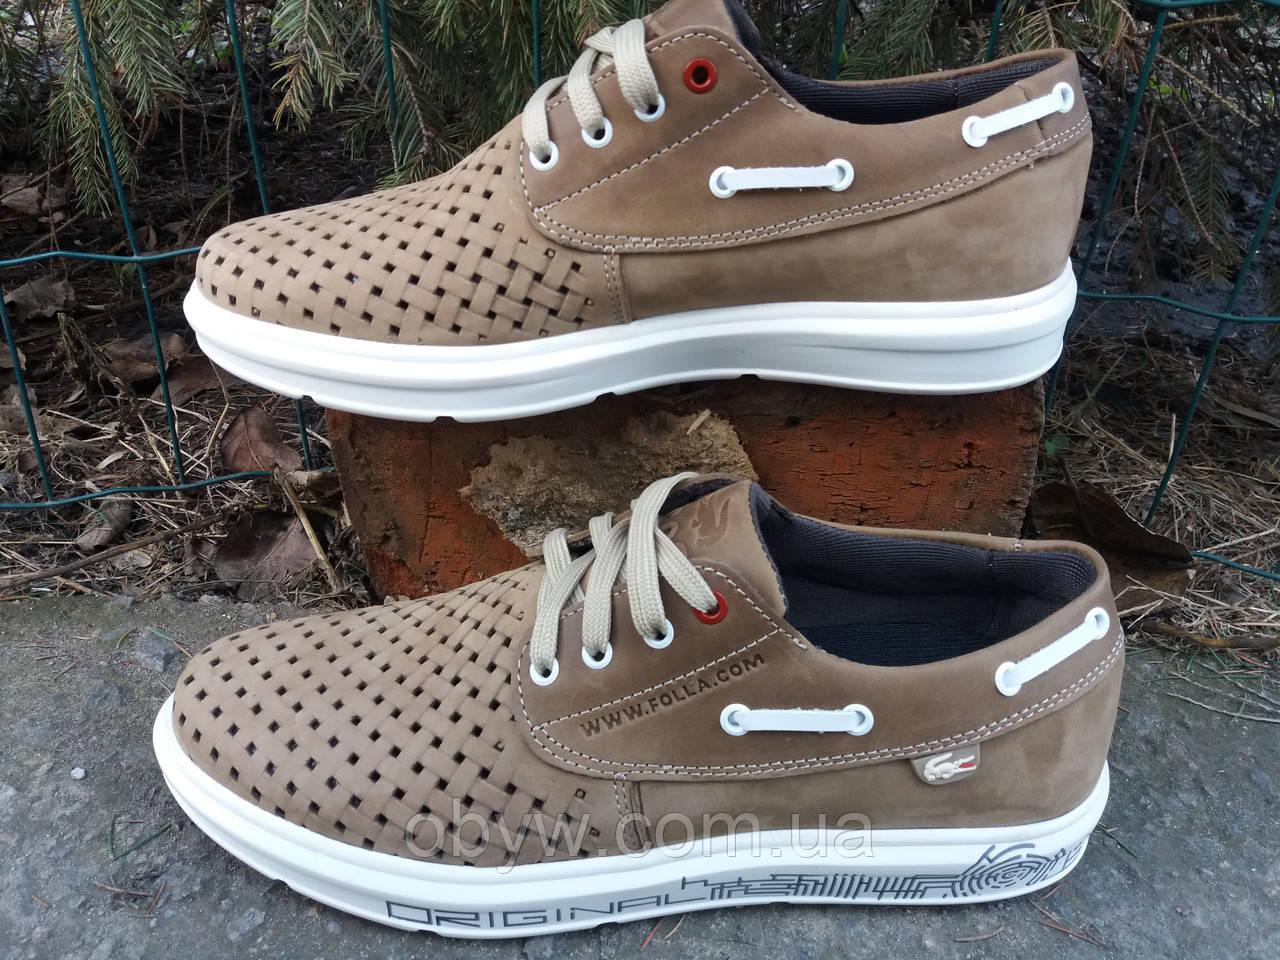 Обувь для мужчин Lacoste летняя - ОБУВЬ КУРТКИ В НАЛИЧИИ И ЦЕНЫ АКТУАЛЬНЫ в  Днепре 9e23309a830